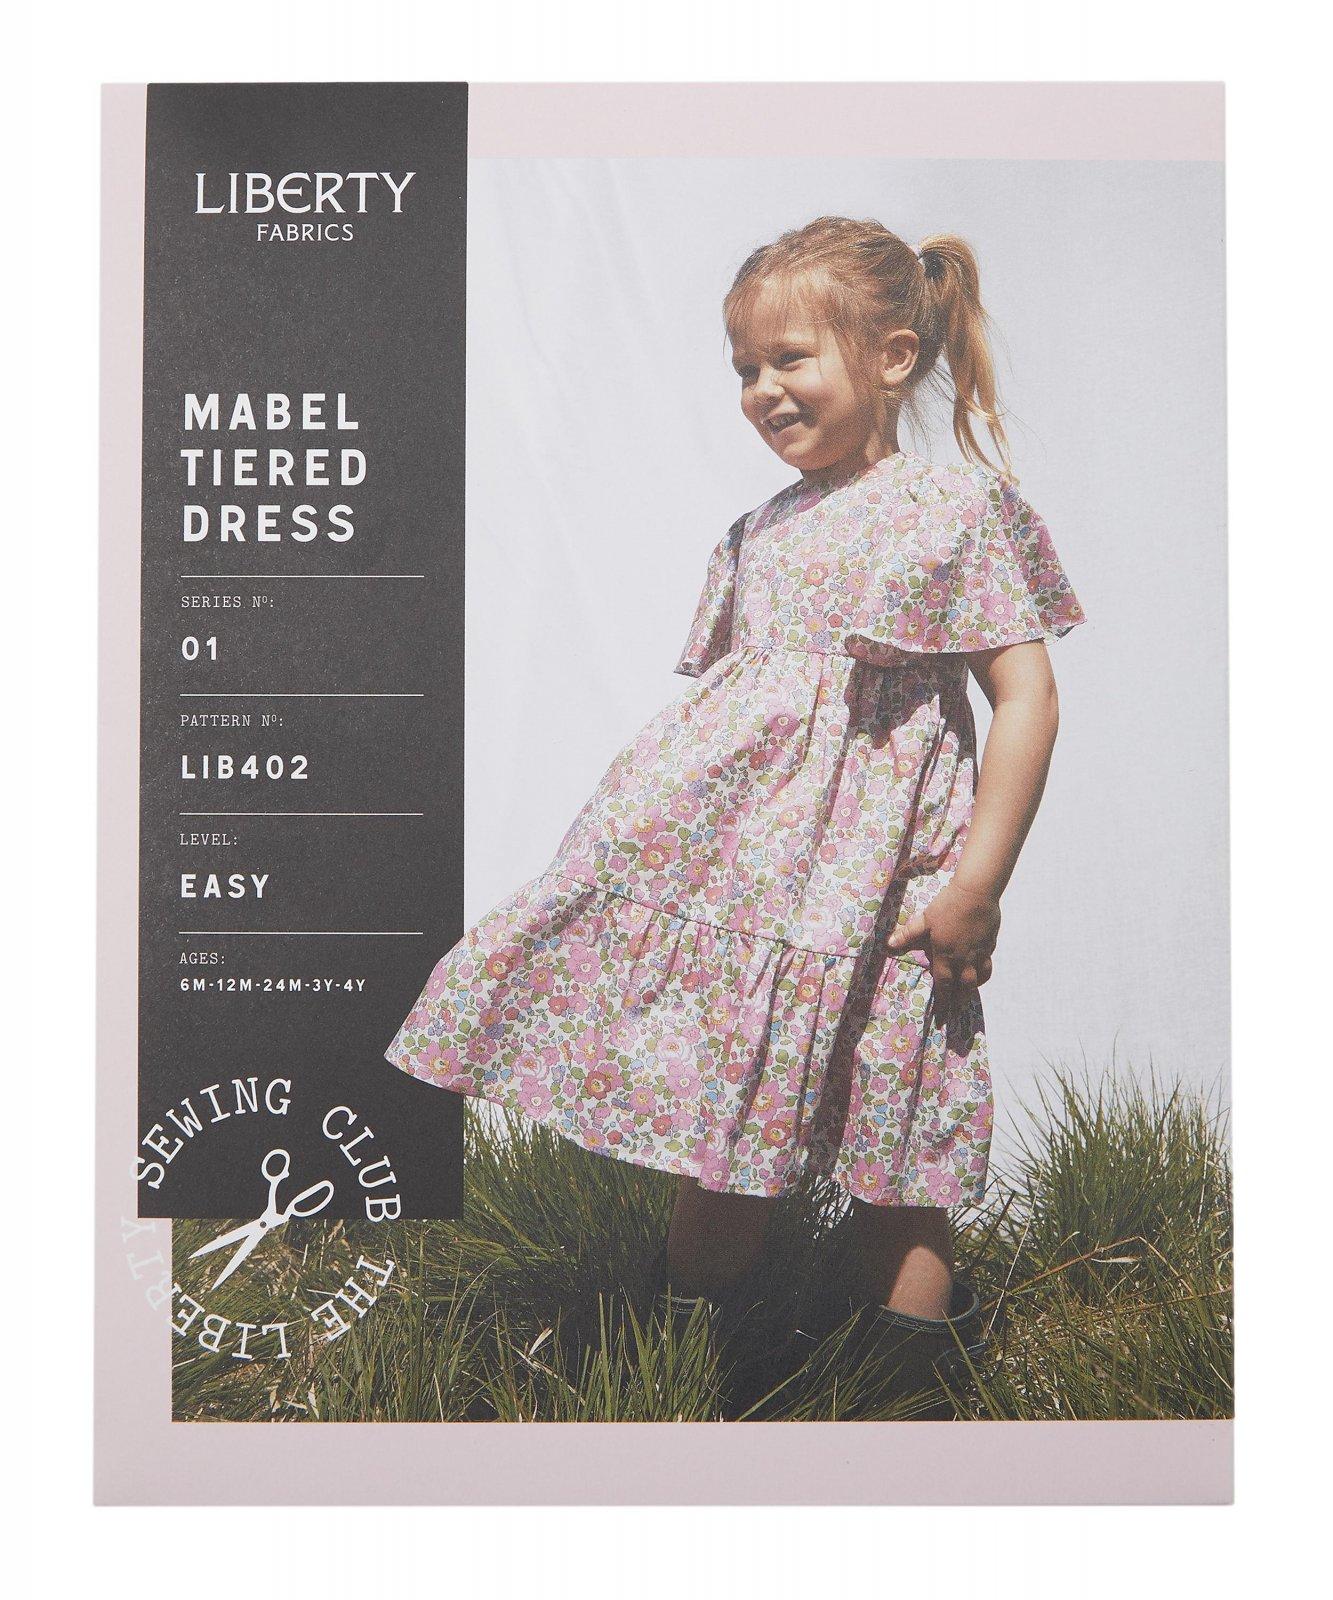 Liberty Fabrics Mabel Tiered Dress